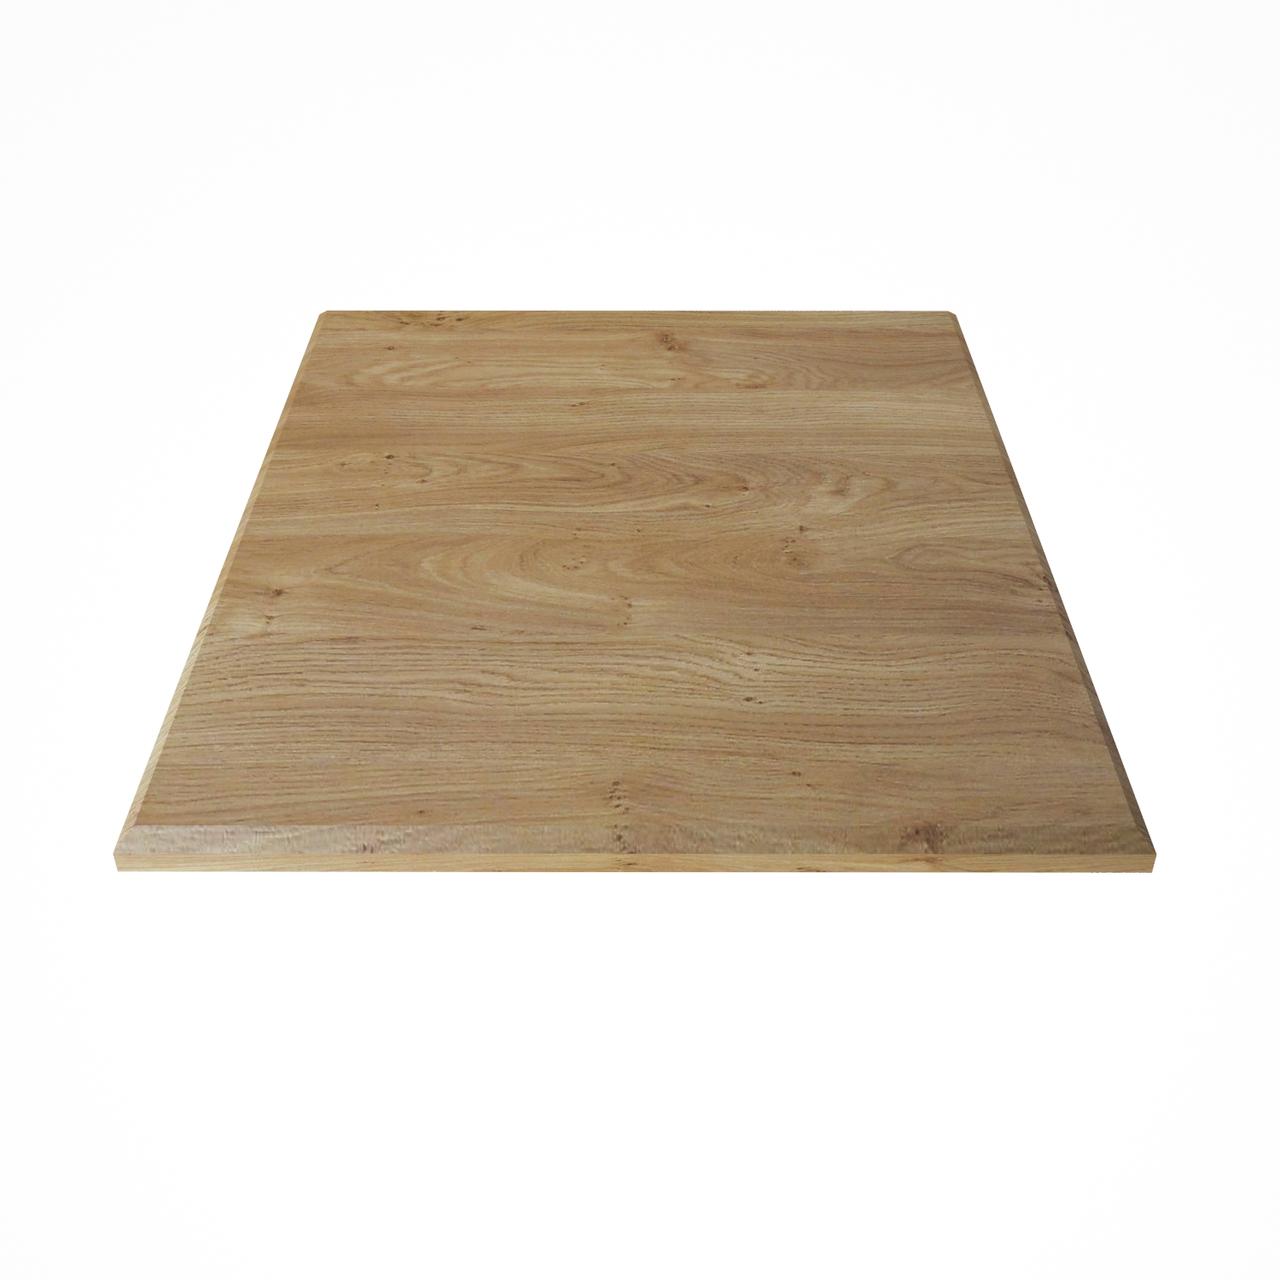 Квадратные деревянные столешницы для кафе, баров, ресторанов